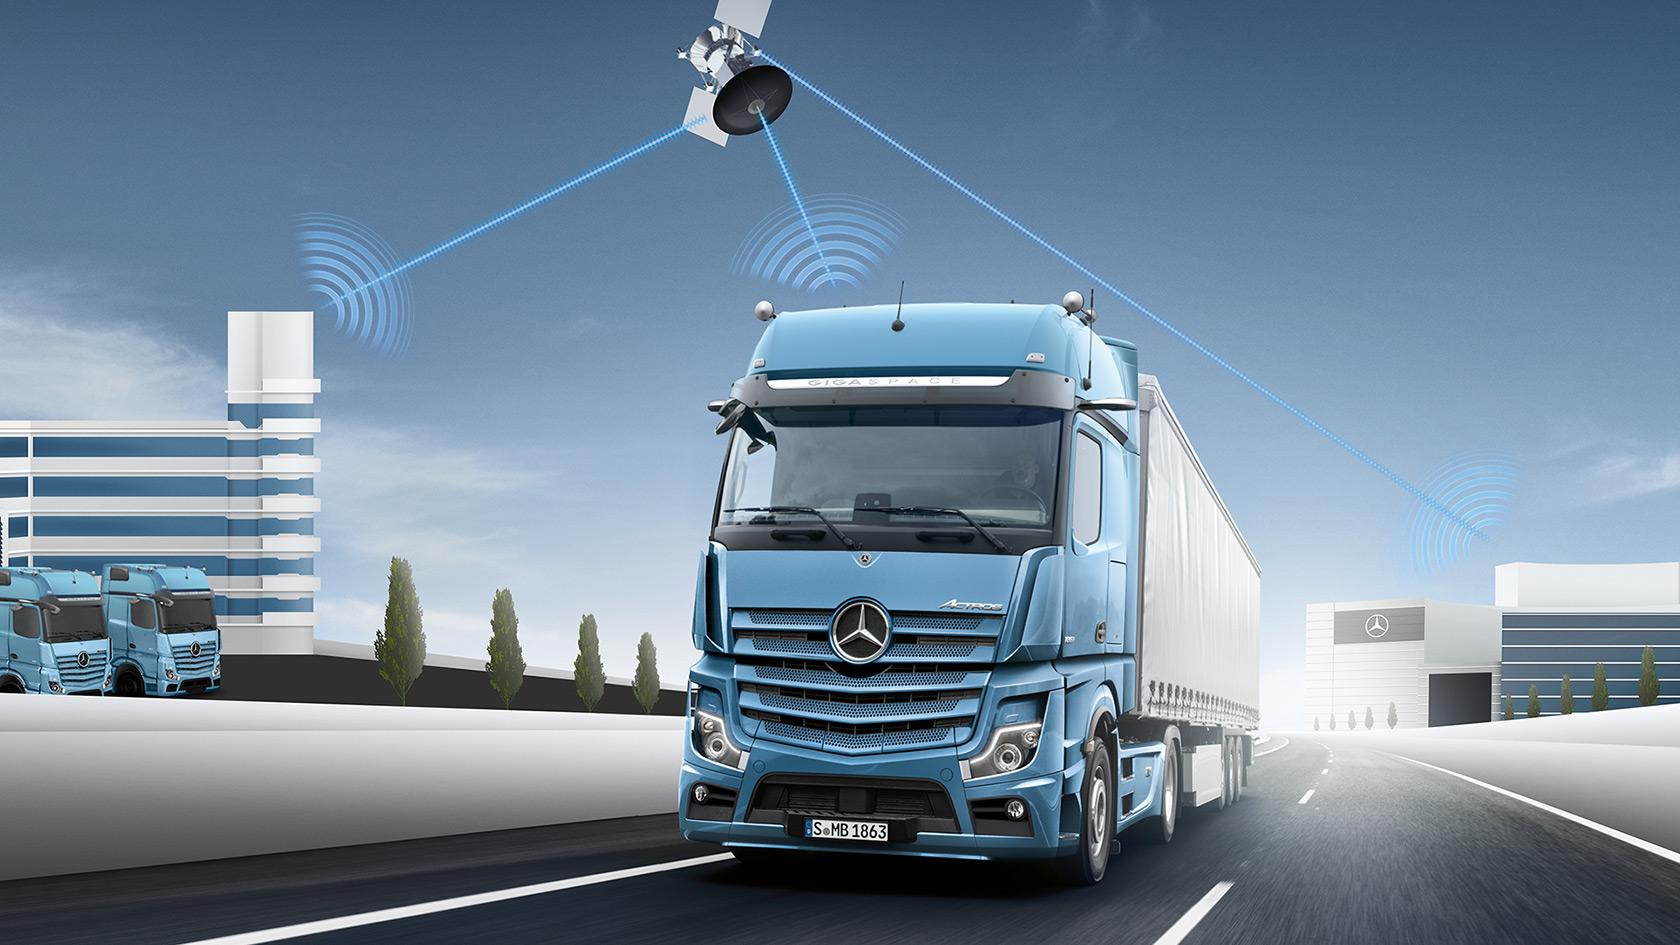 Le nouvel Actros: Exploitation maximale du véhicule – Mercedes ...